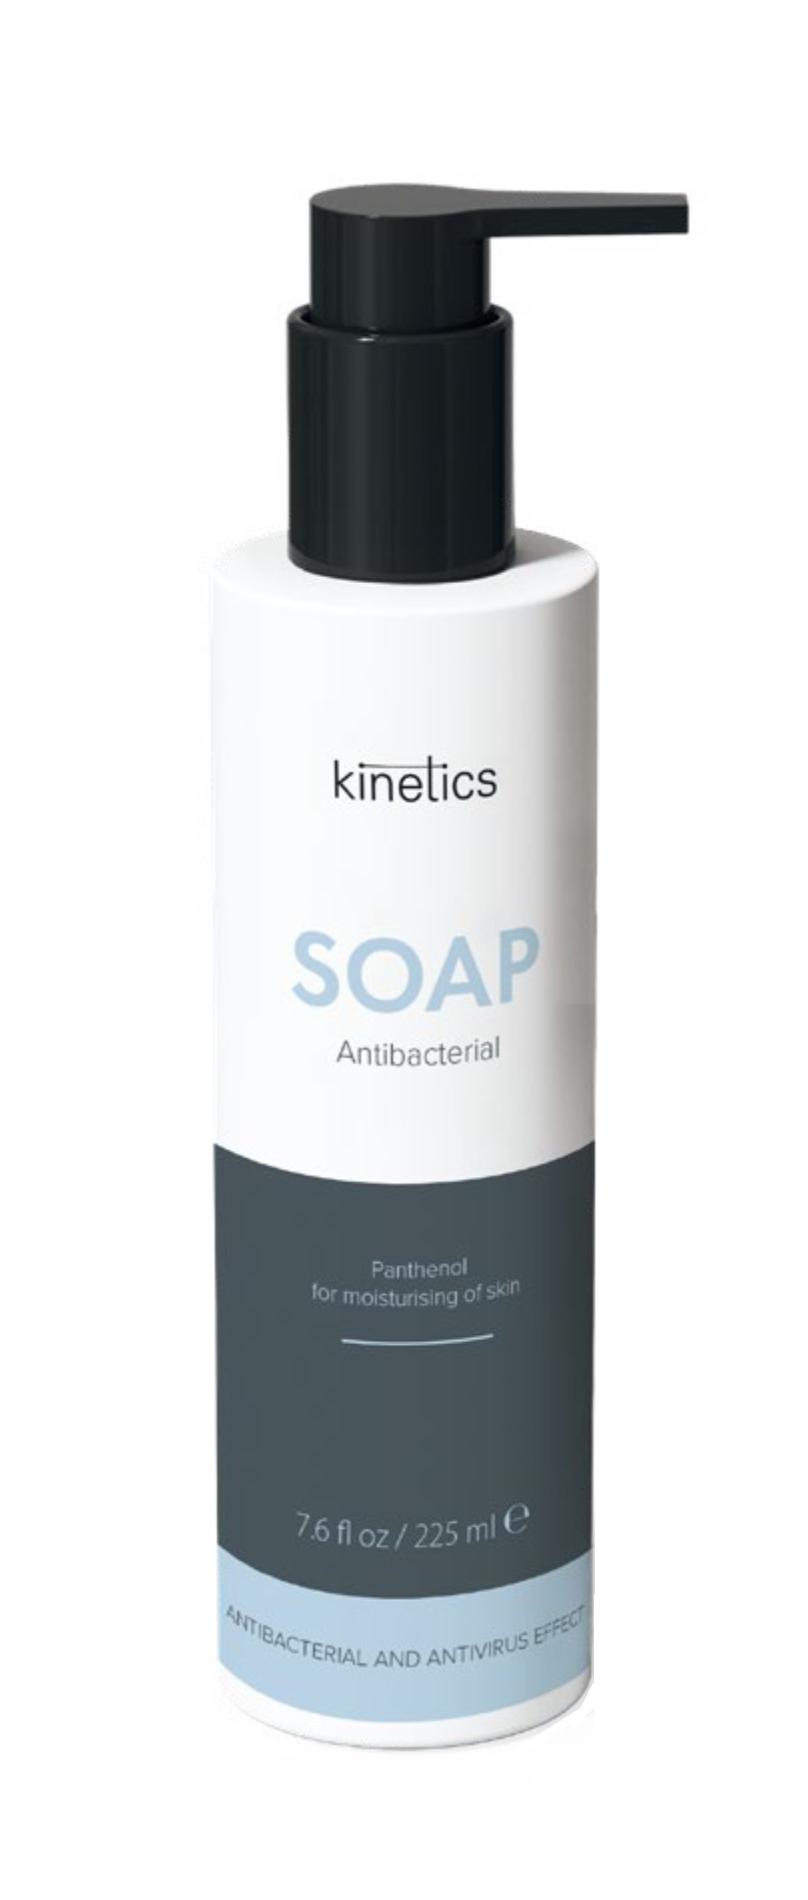 KINETICS Мыло жидкое антибактериальное / Antibacterial Soap, 225 мл